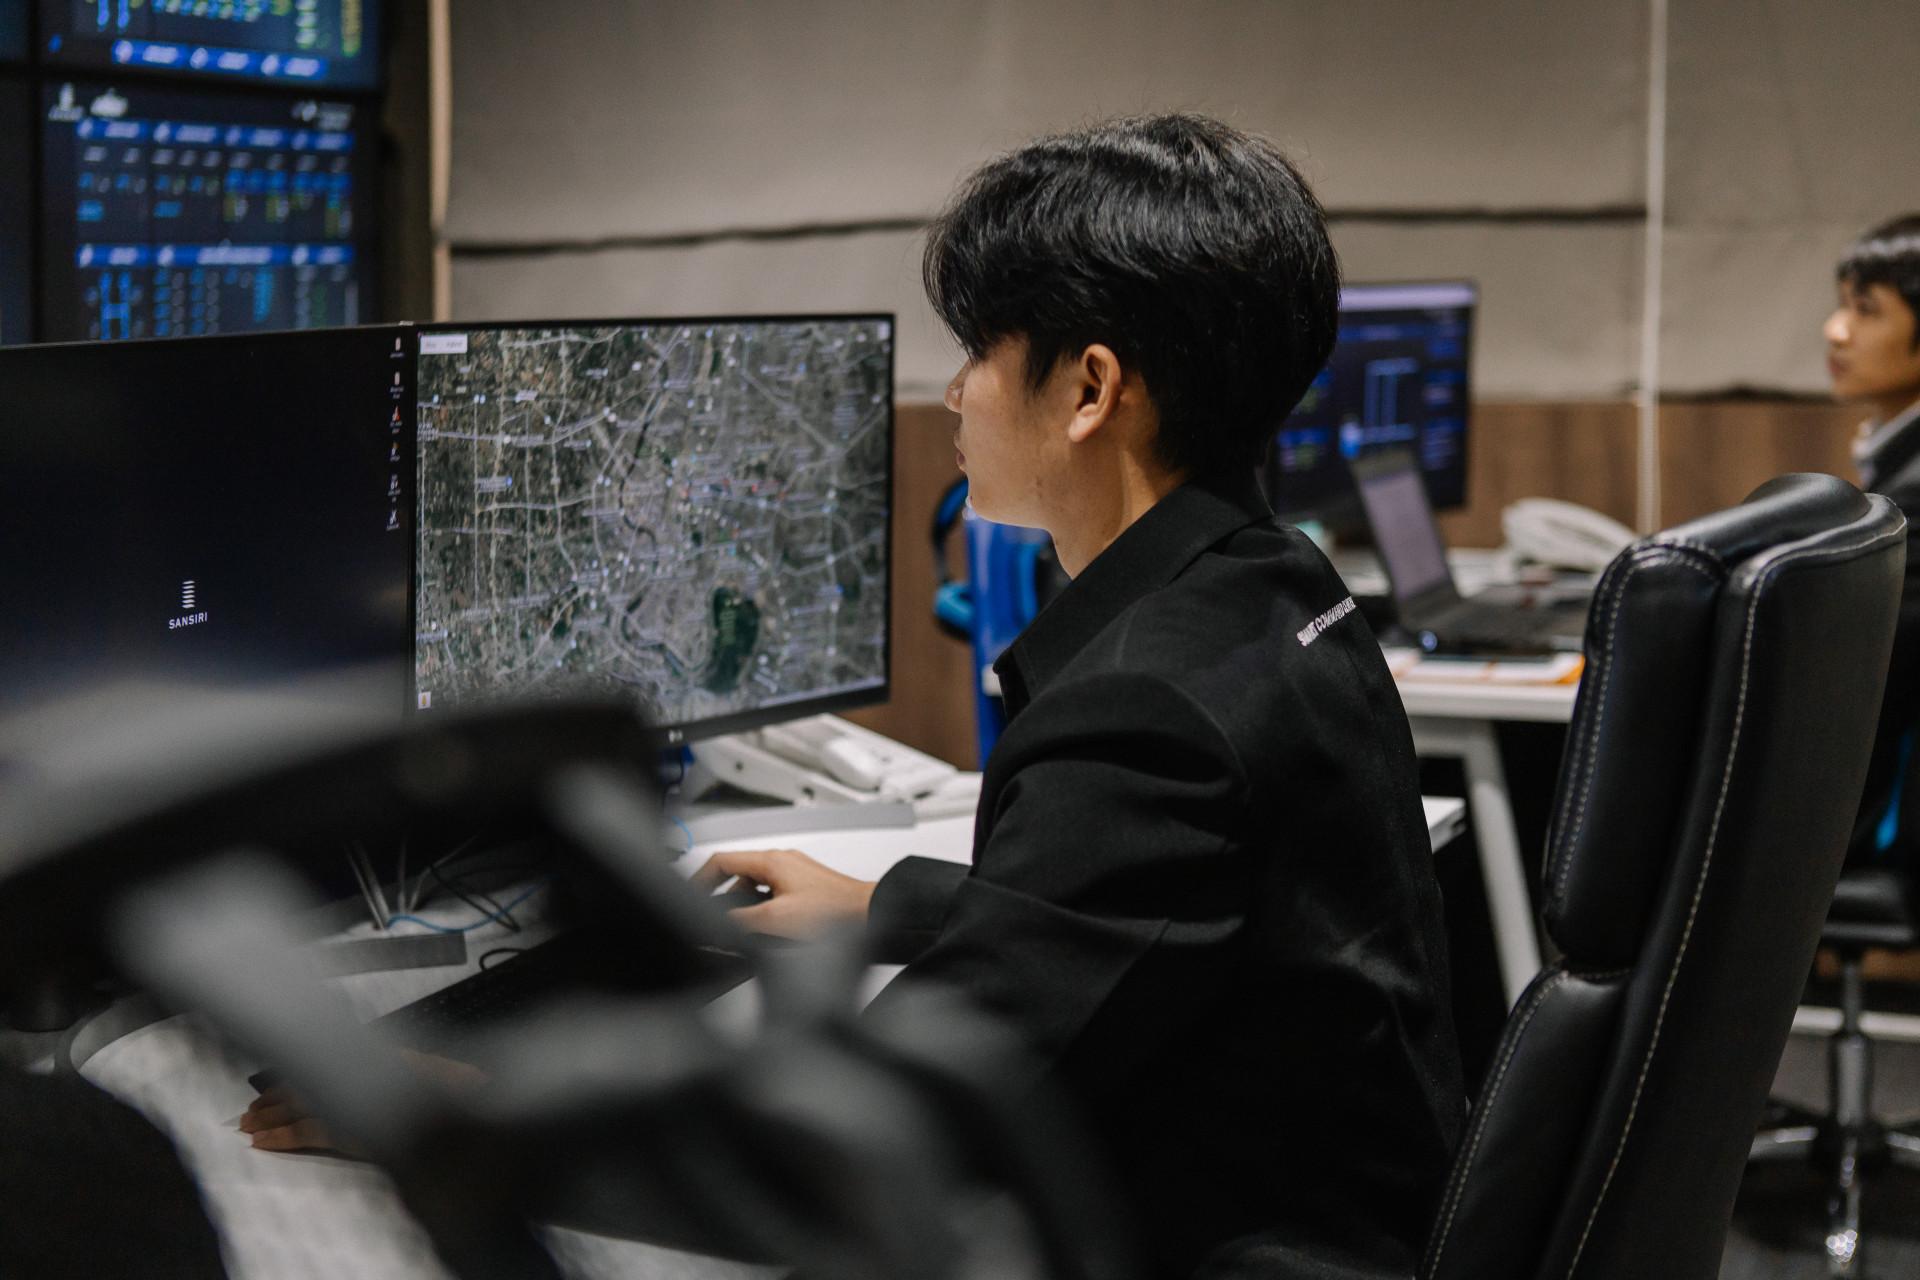 LIV-24 บริการดูแลความปลอดภัยจากศูนย์ควบคุมแบบเรียลไทม์ 24 ชั่วโมง จากแสนสิริ smart command centre (2)